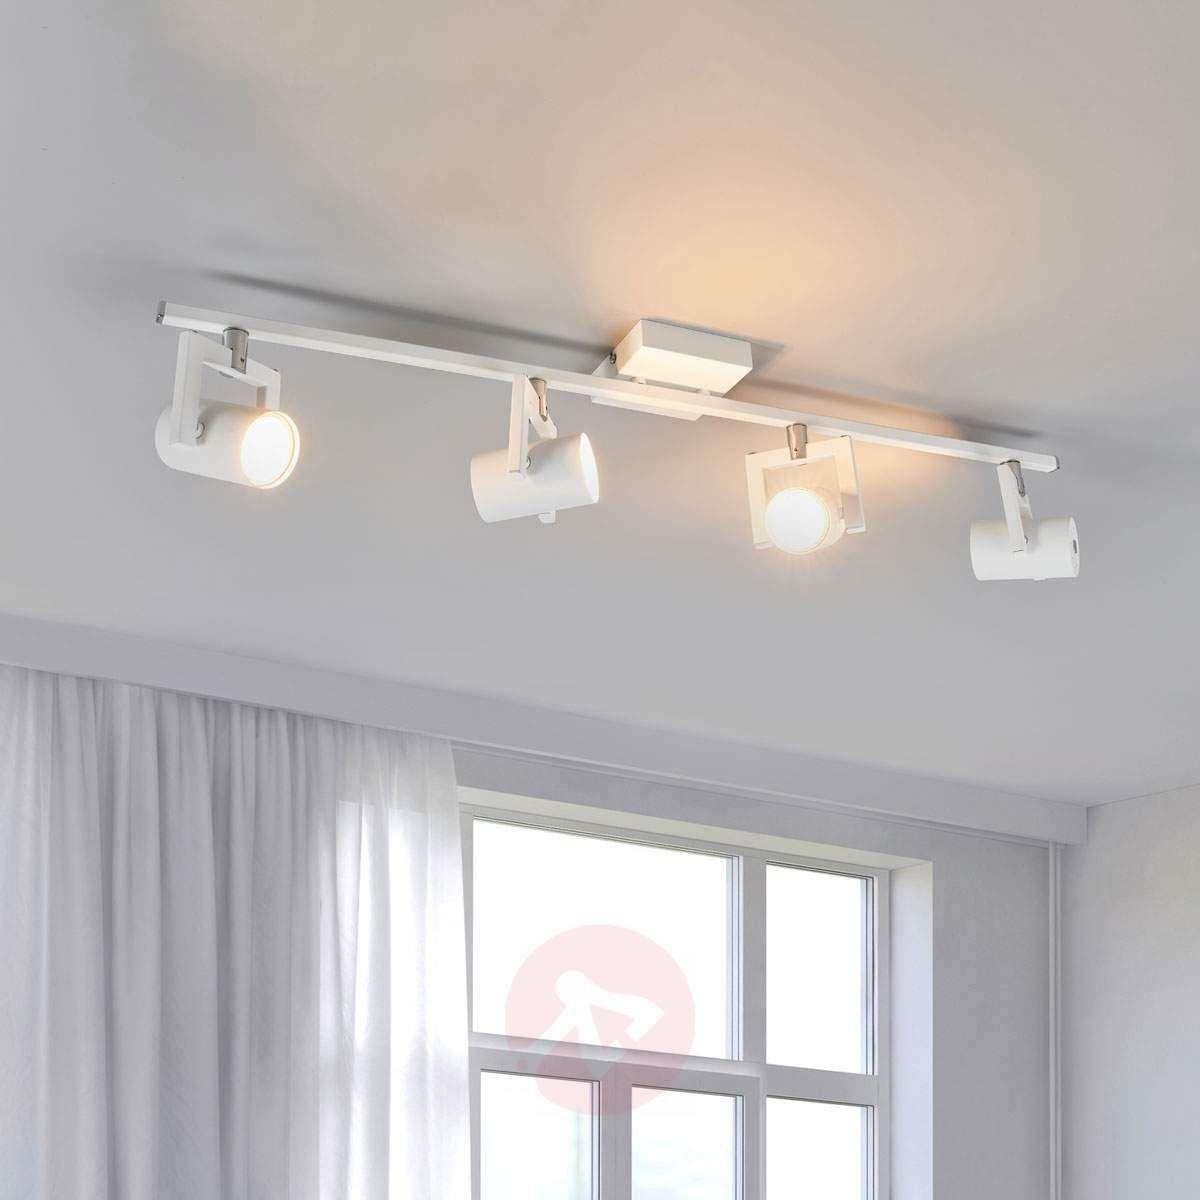 Biała Lampa Sufitowa Led Sulamita 4 Punktowa Lampy